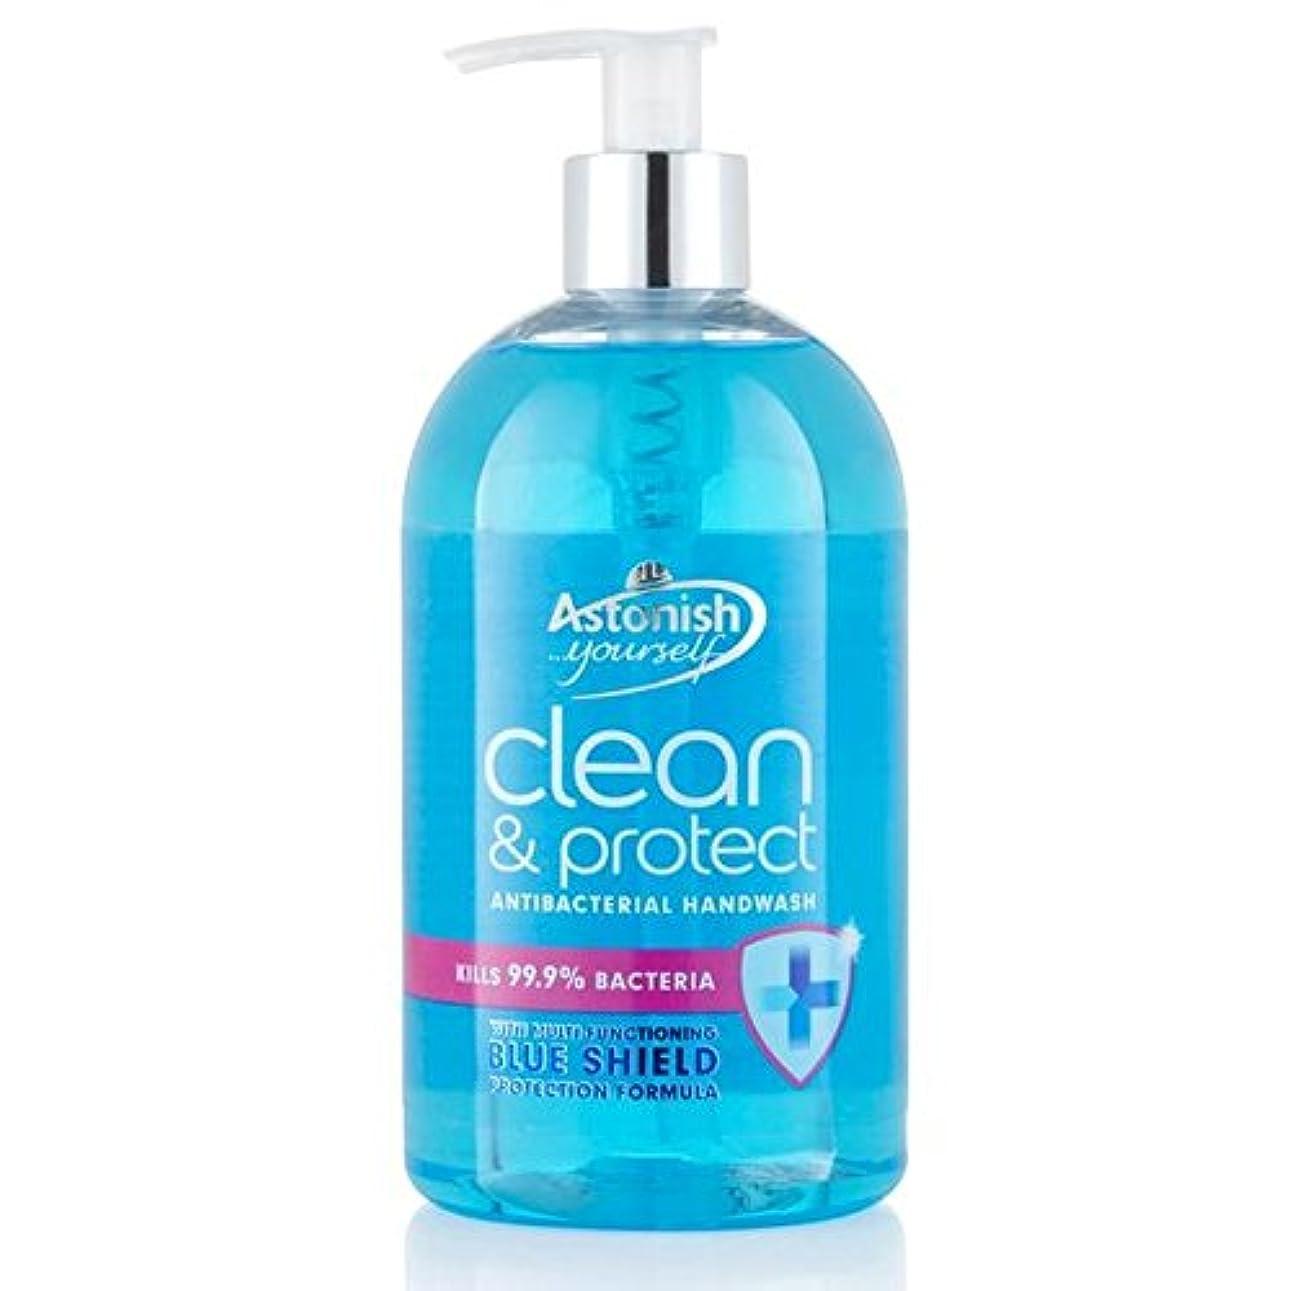 残るファンどれでもクリーン驚か&ハンドウォッシュ500ミリリットルを保護 x2 - Astonish Clean & Protect Hand Wash 500ml (Pack of 2) [並行輸入品]